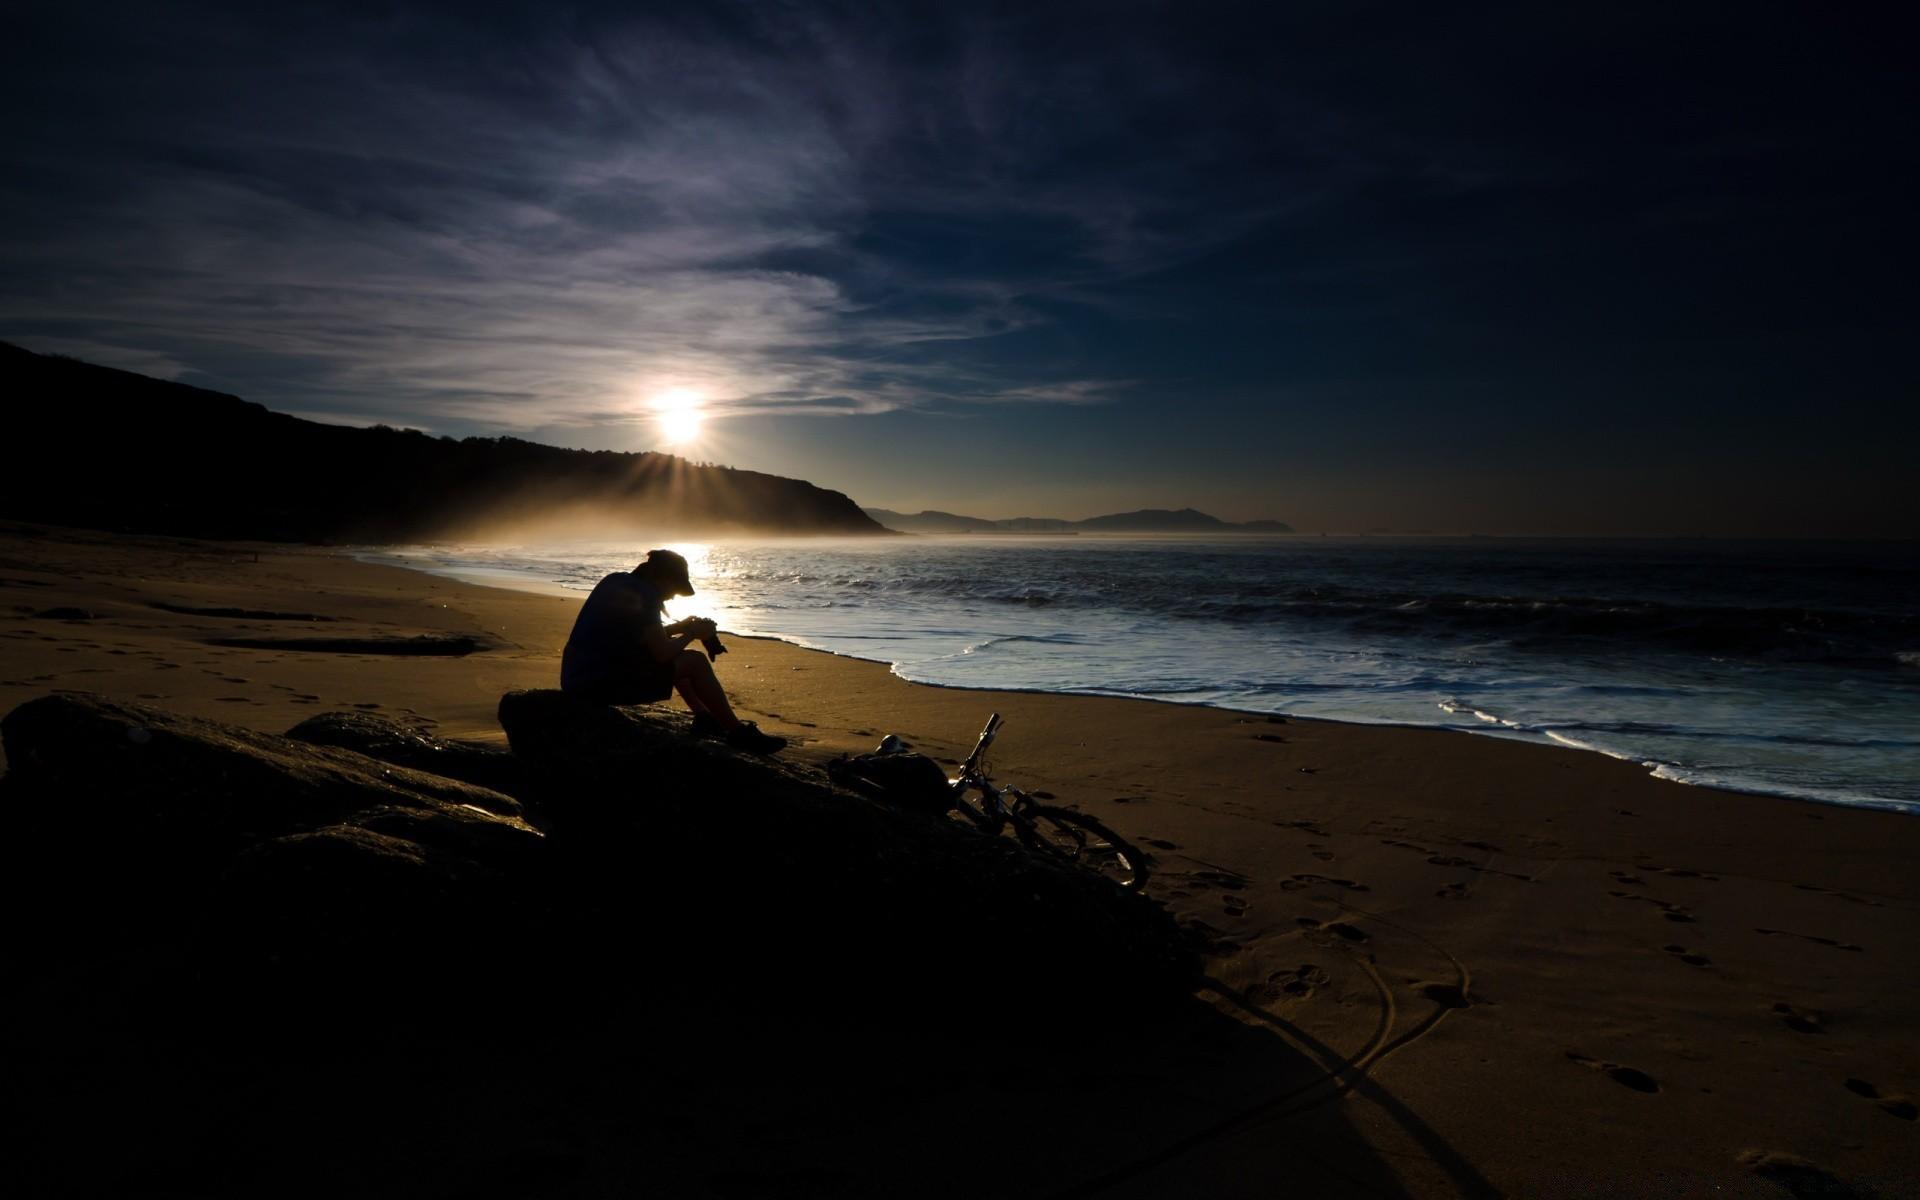 хранение картинка ждет на берегу моря то